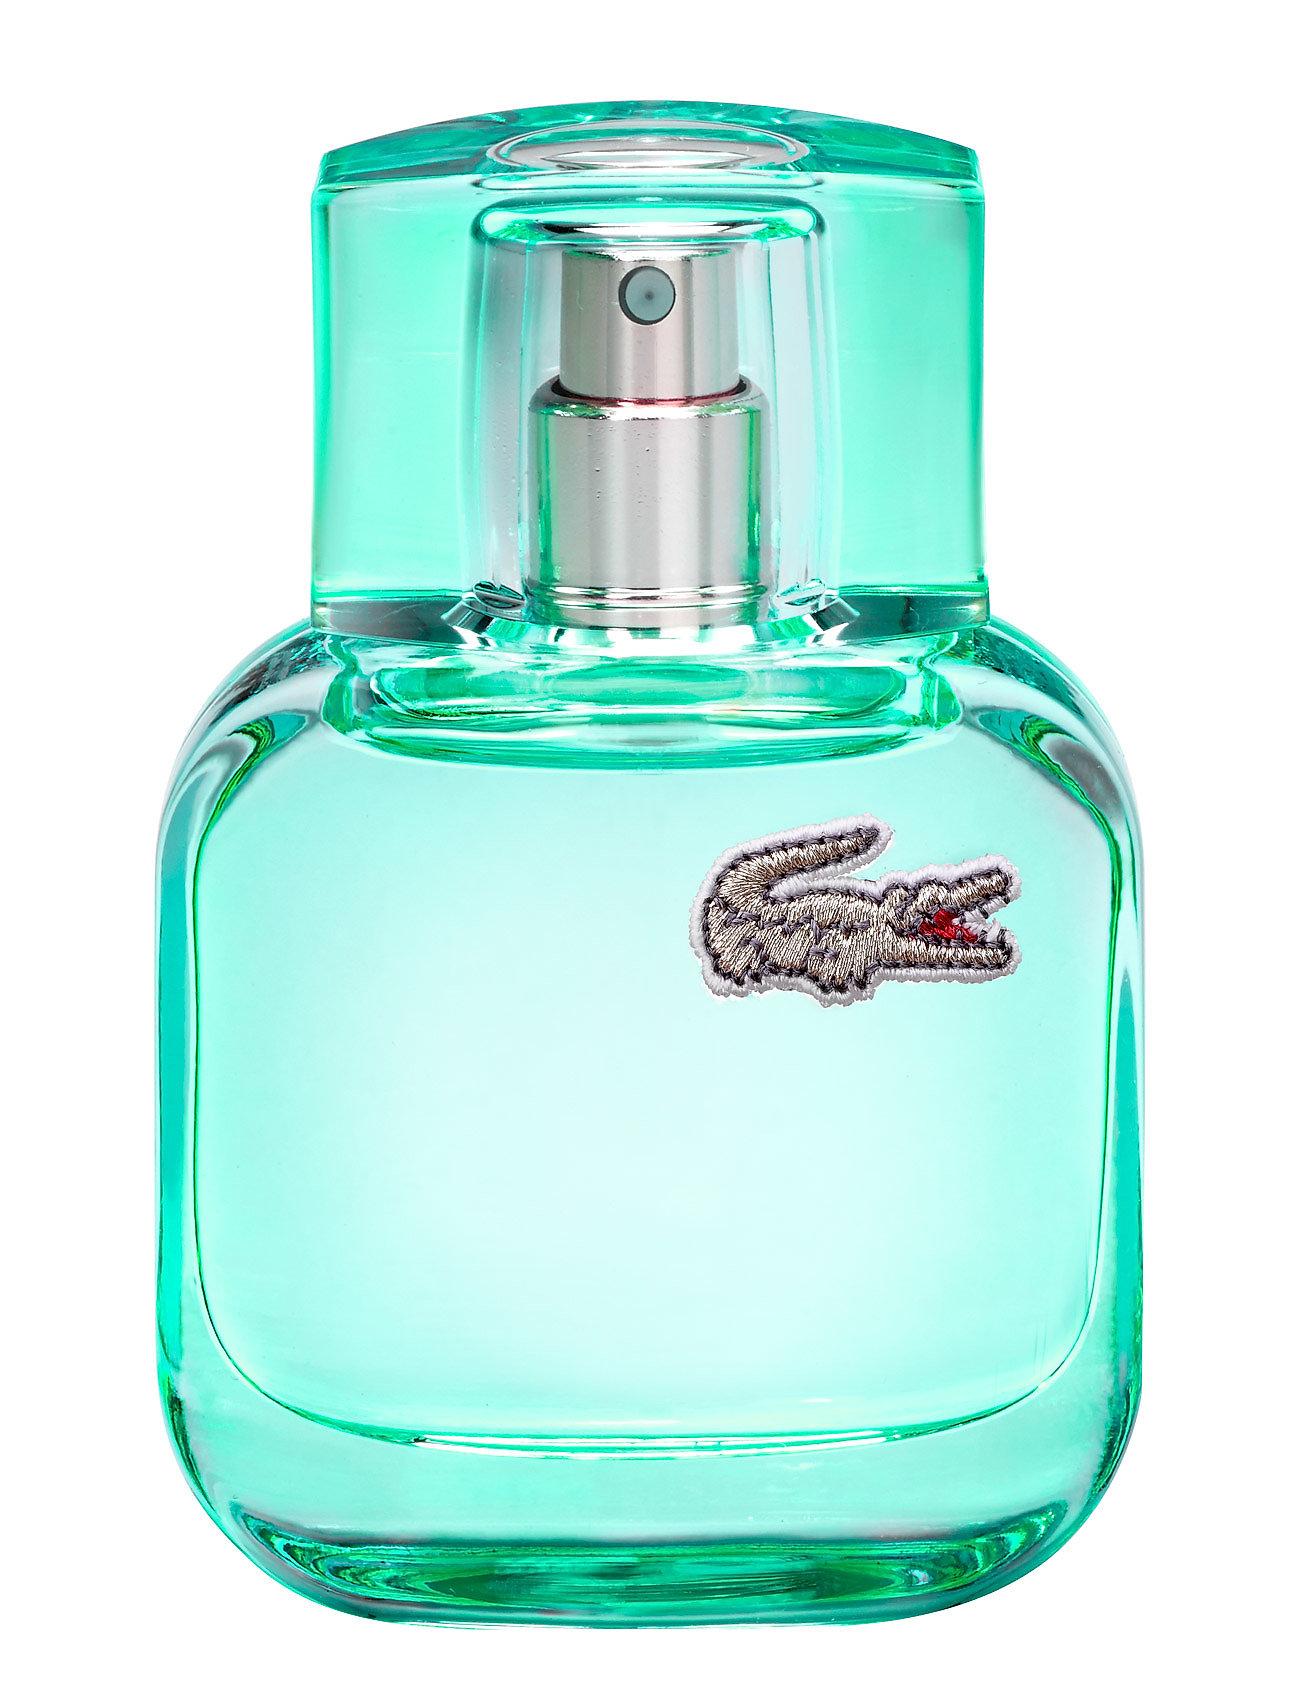 lacoste fragrance Lacoste l.12.12 natural pf eau de t på boozt.com dk